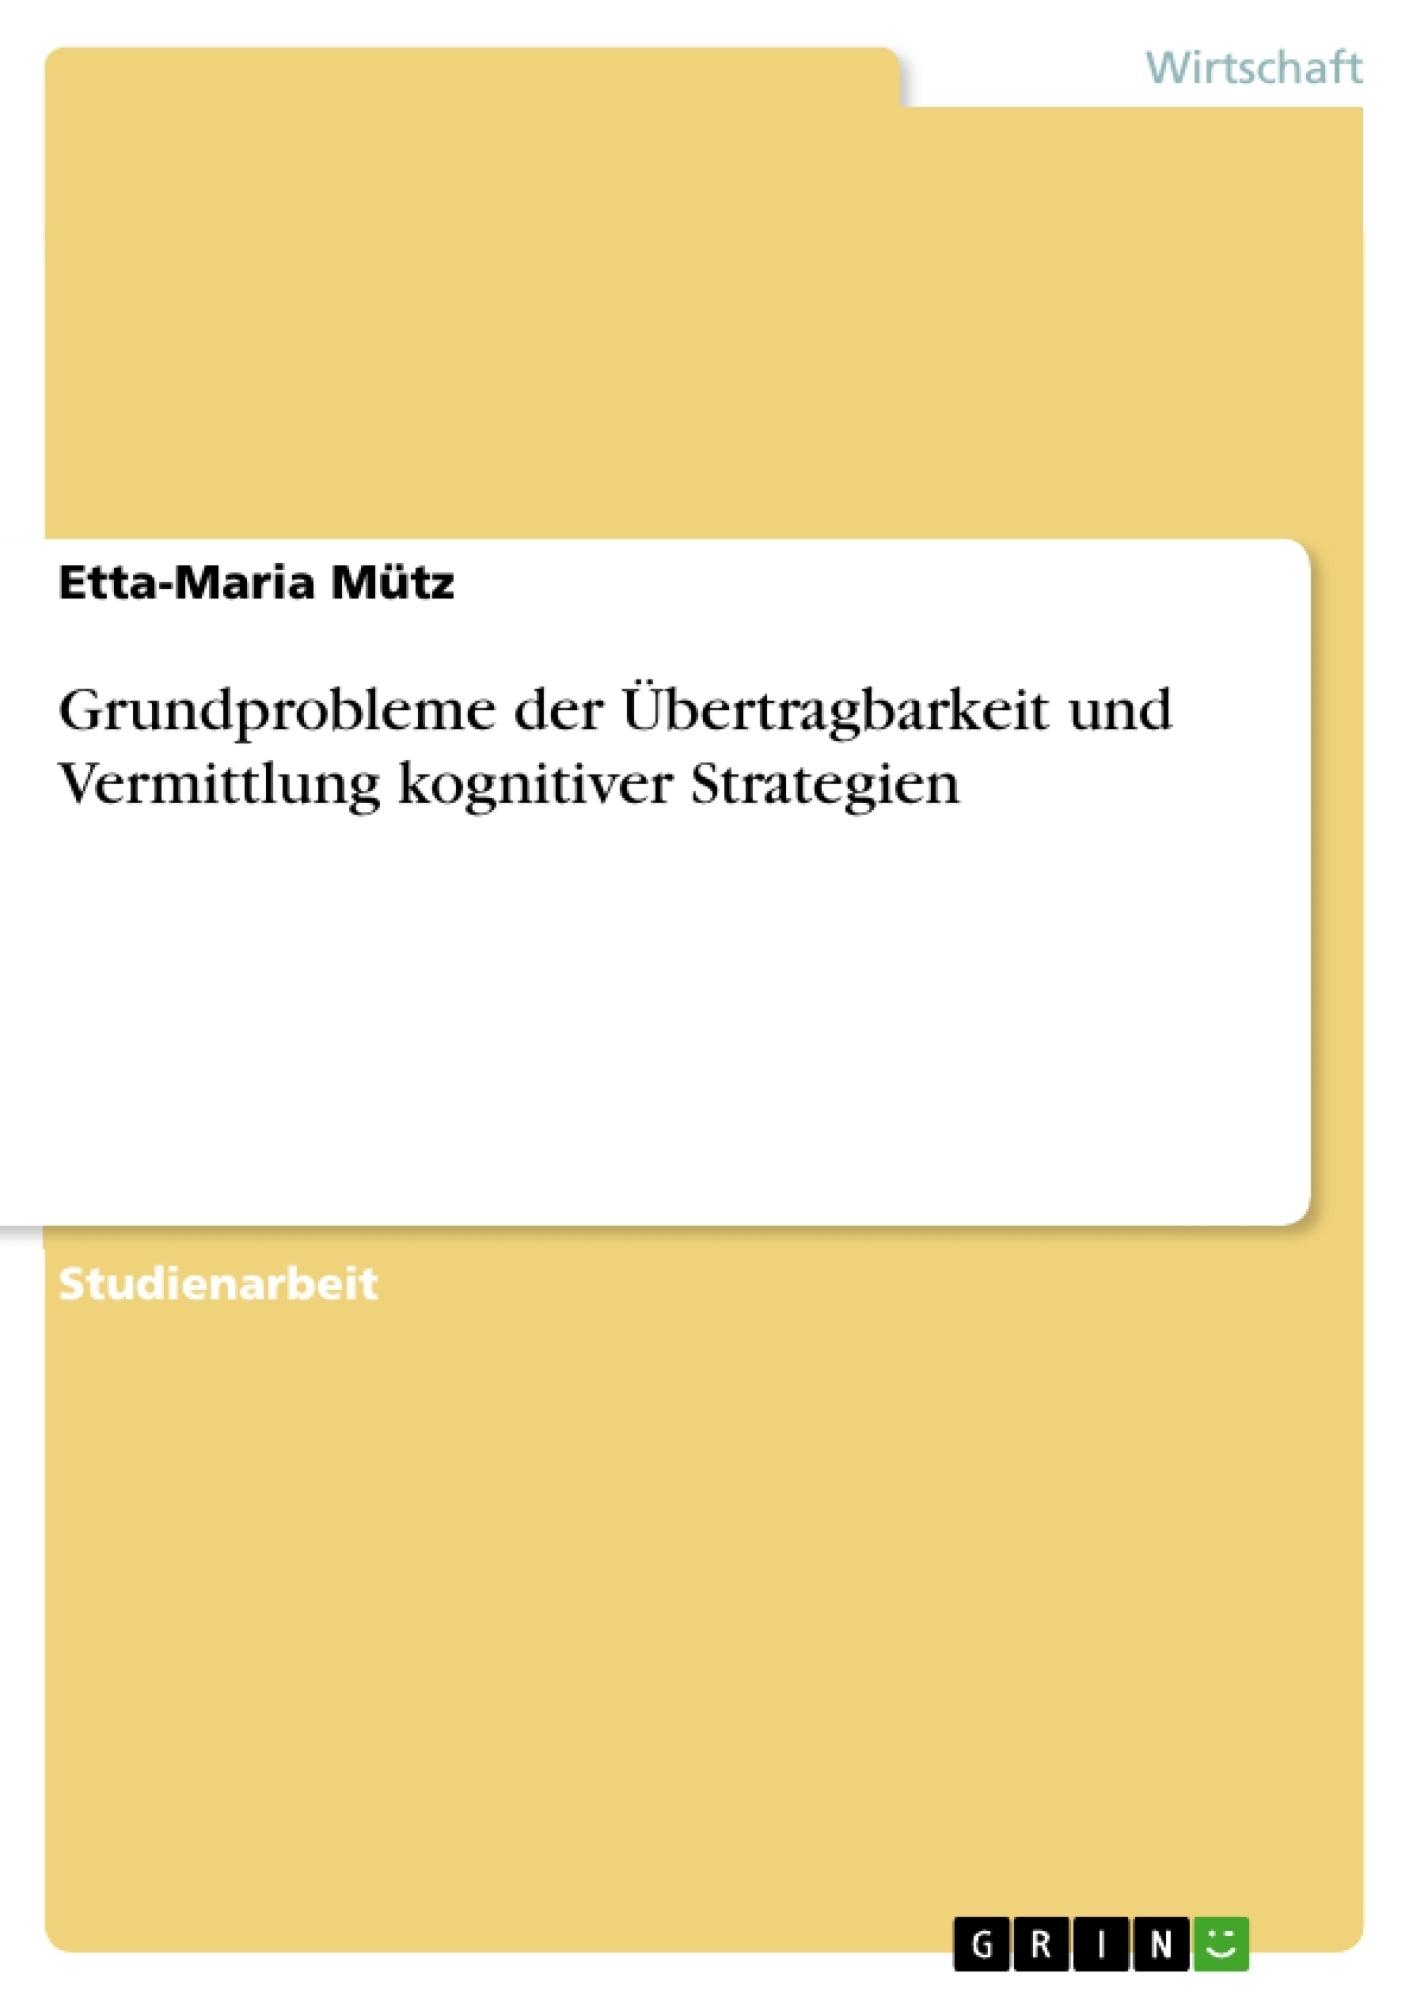 Titel: Grundprobleme der Übertragbarkeit und Vermittlung kognitiver Strategien